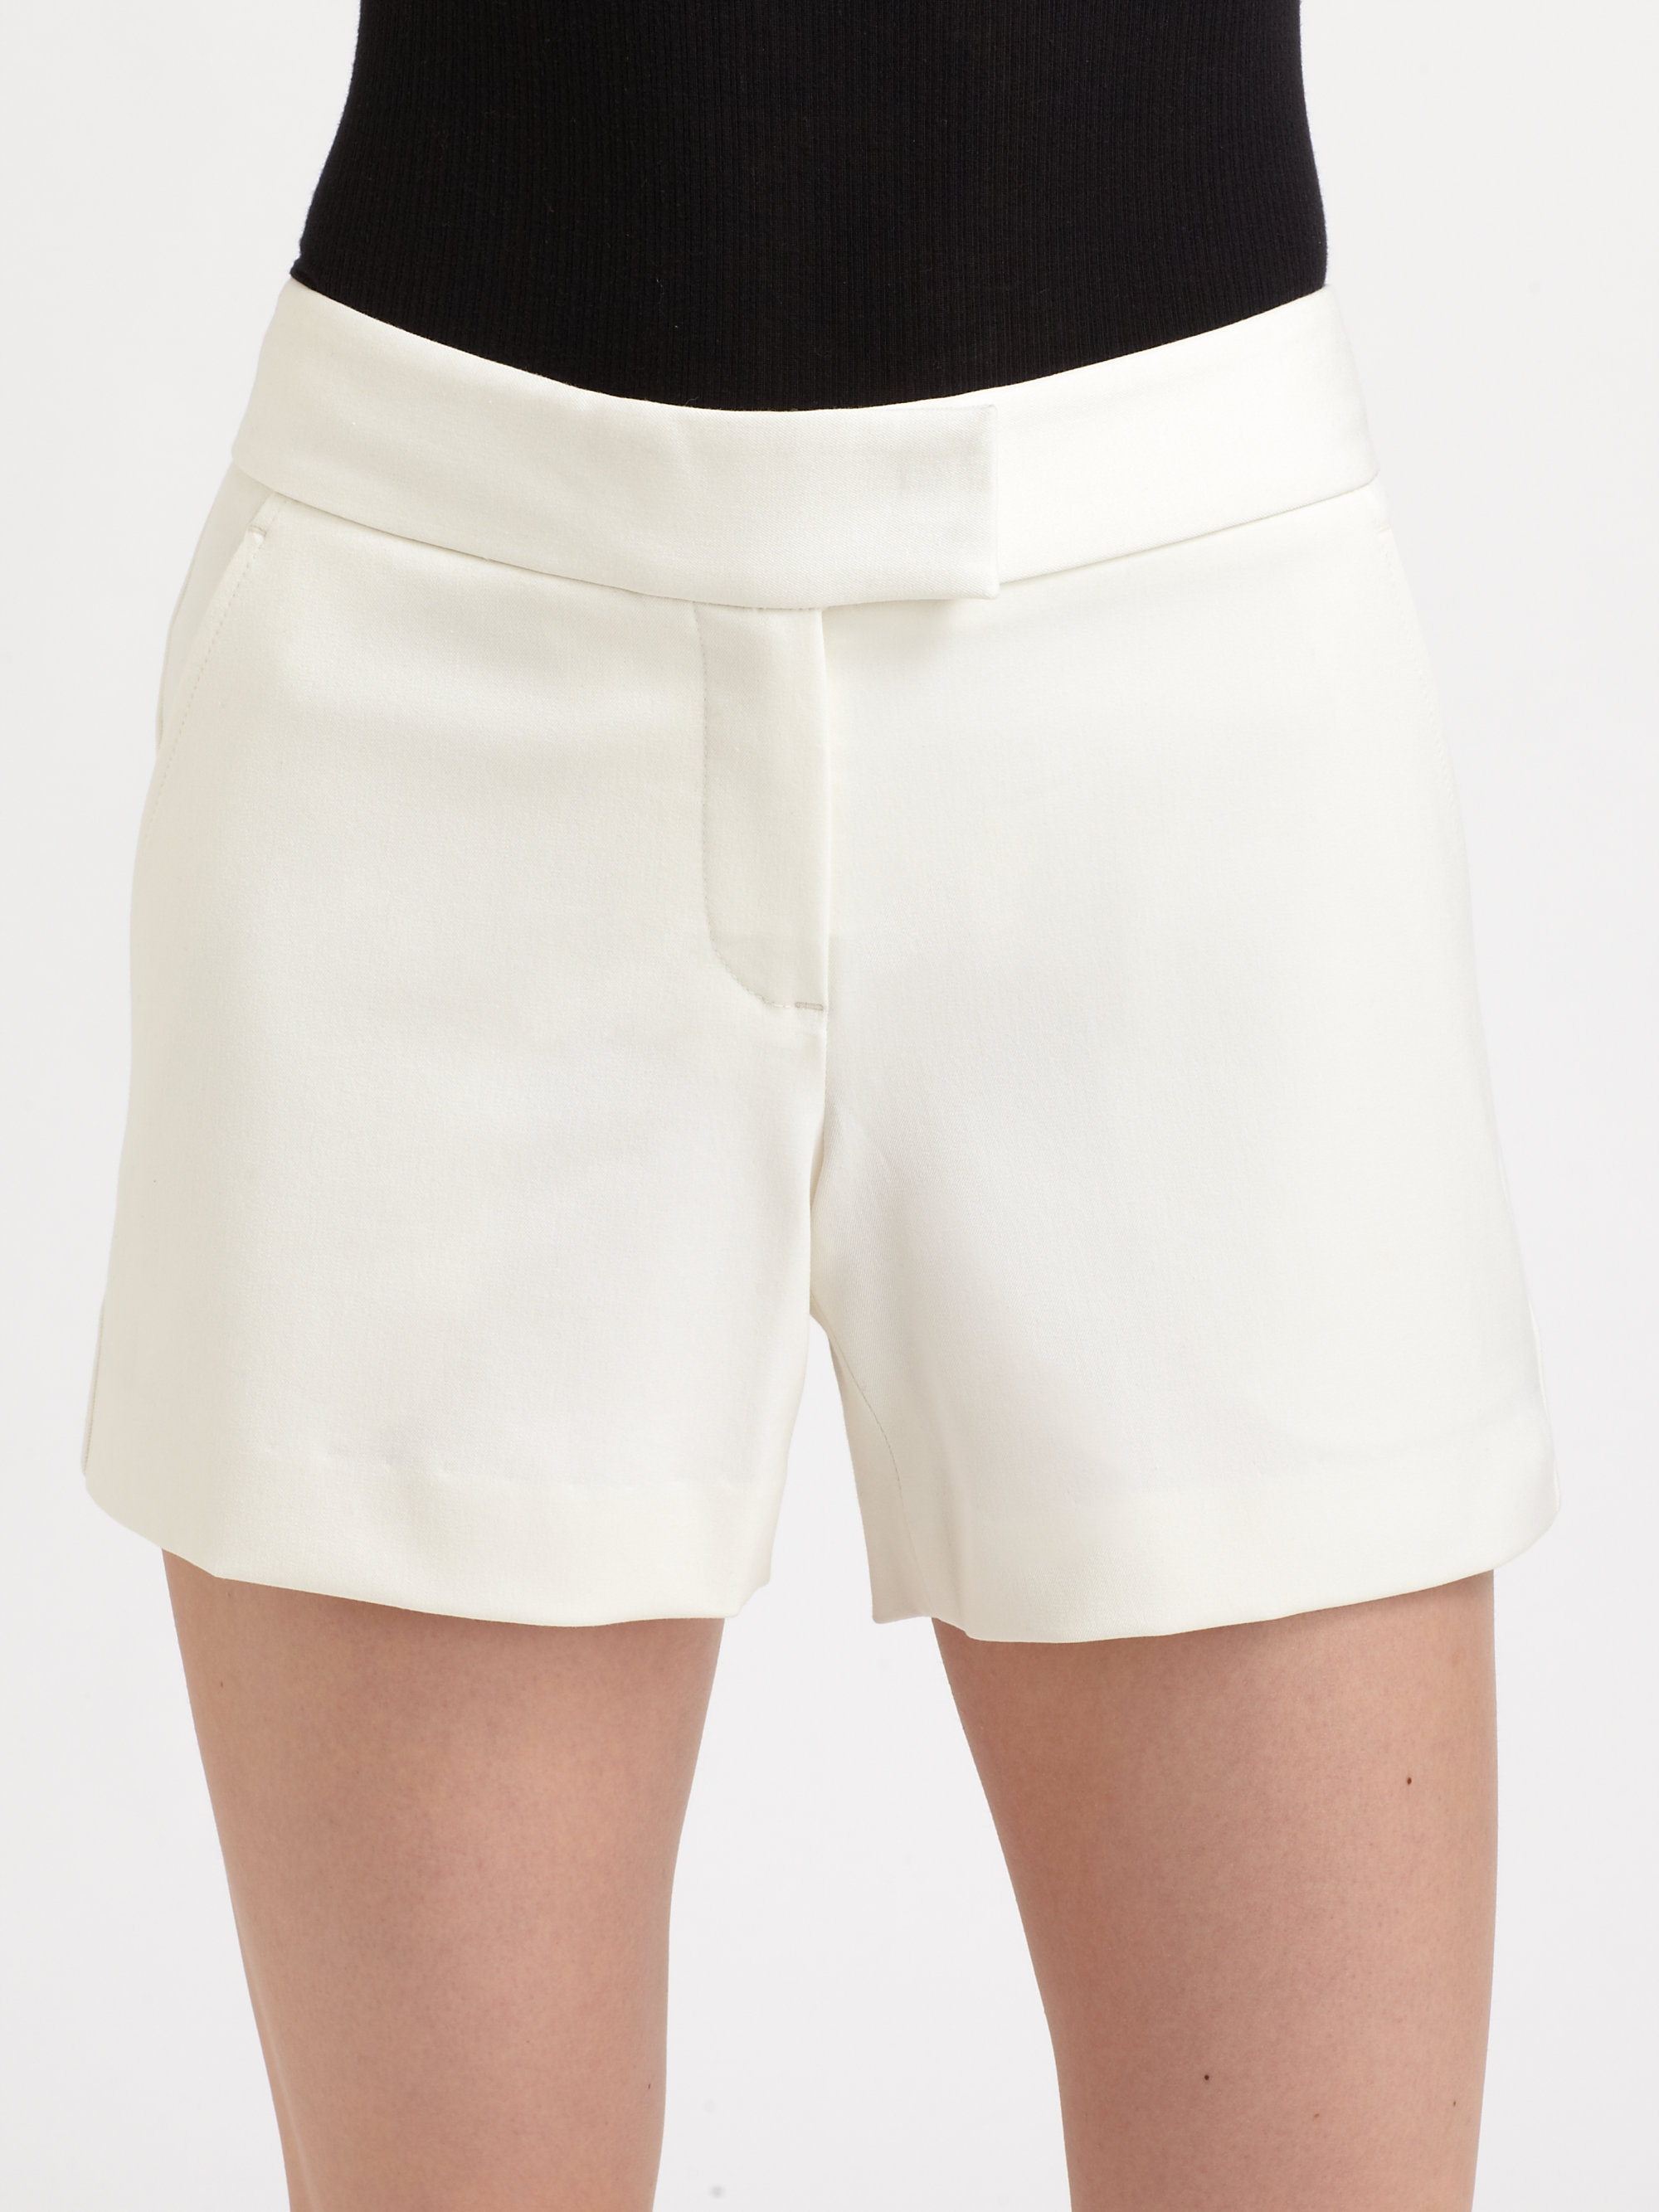 b8febc33644 Theory Lynie Stretch Shorts in White - Lyst